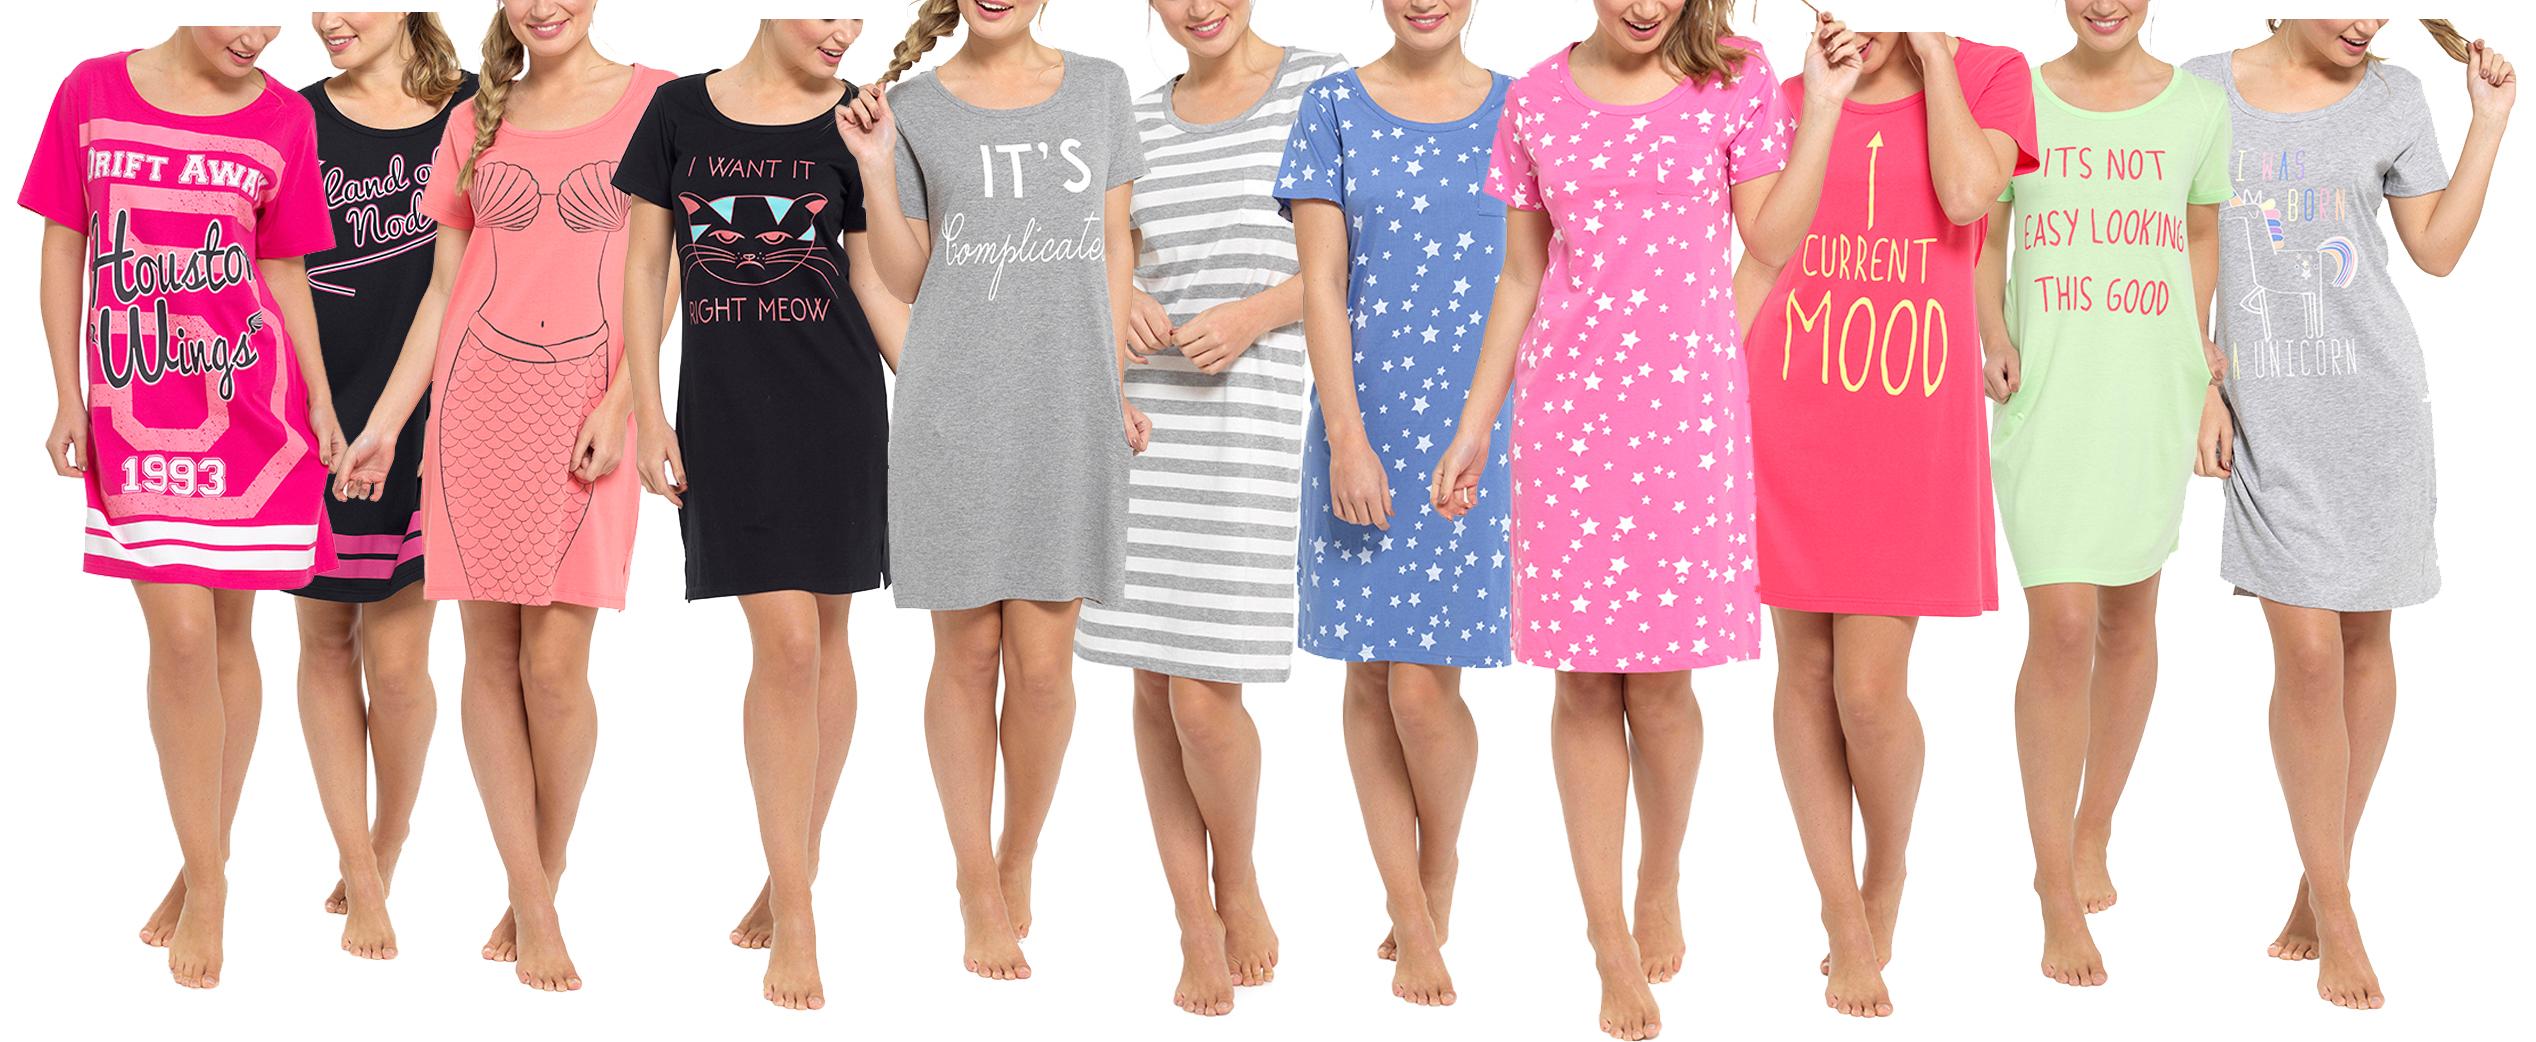 meilleure sélection bc4f1 15751 Détails sur femmes sélection de coton manche courte printemps été chemise  de nuit